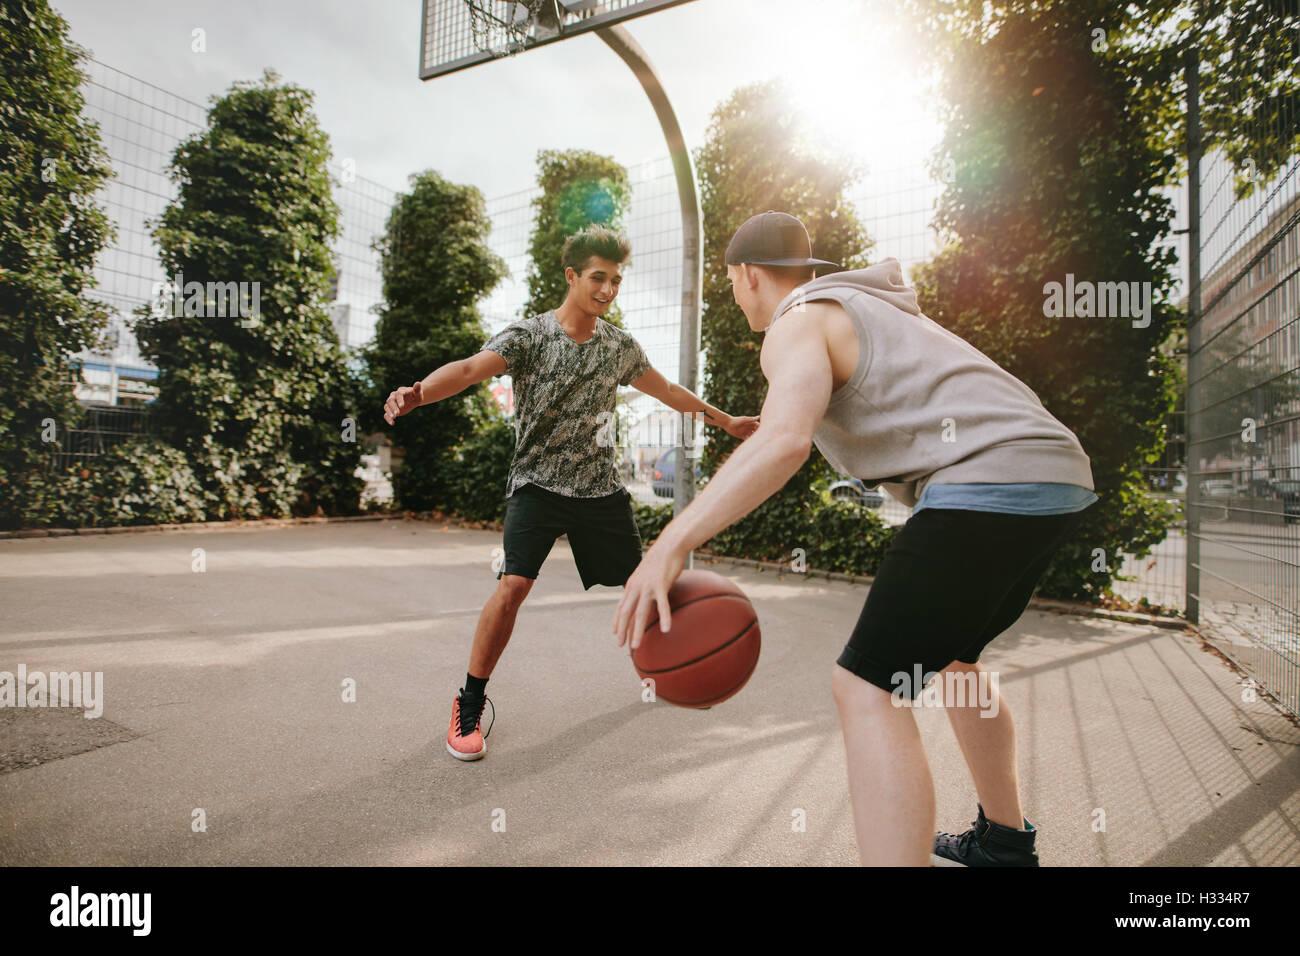 Giovani amici giocare a basket insieme, ragazzo in parte anteriore del blocco di rete e altri dribblare la palla Immagini Stock